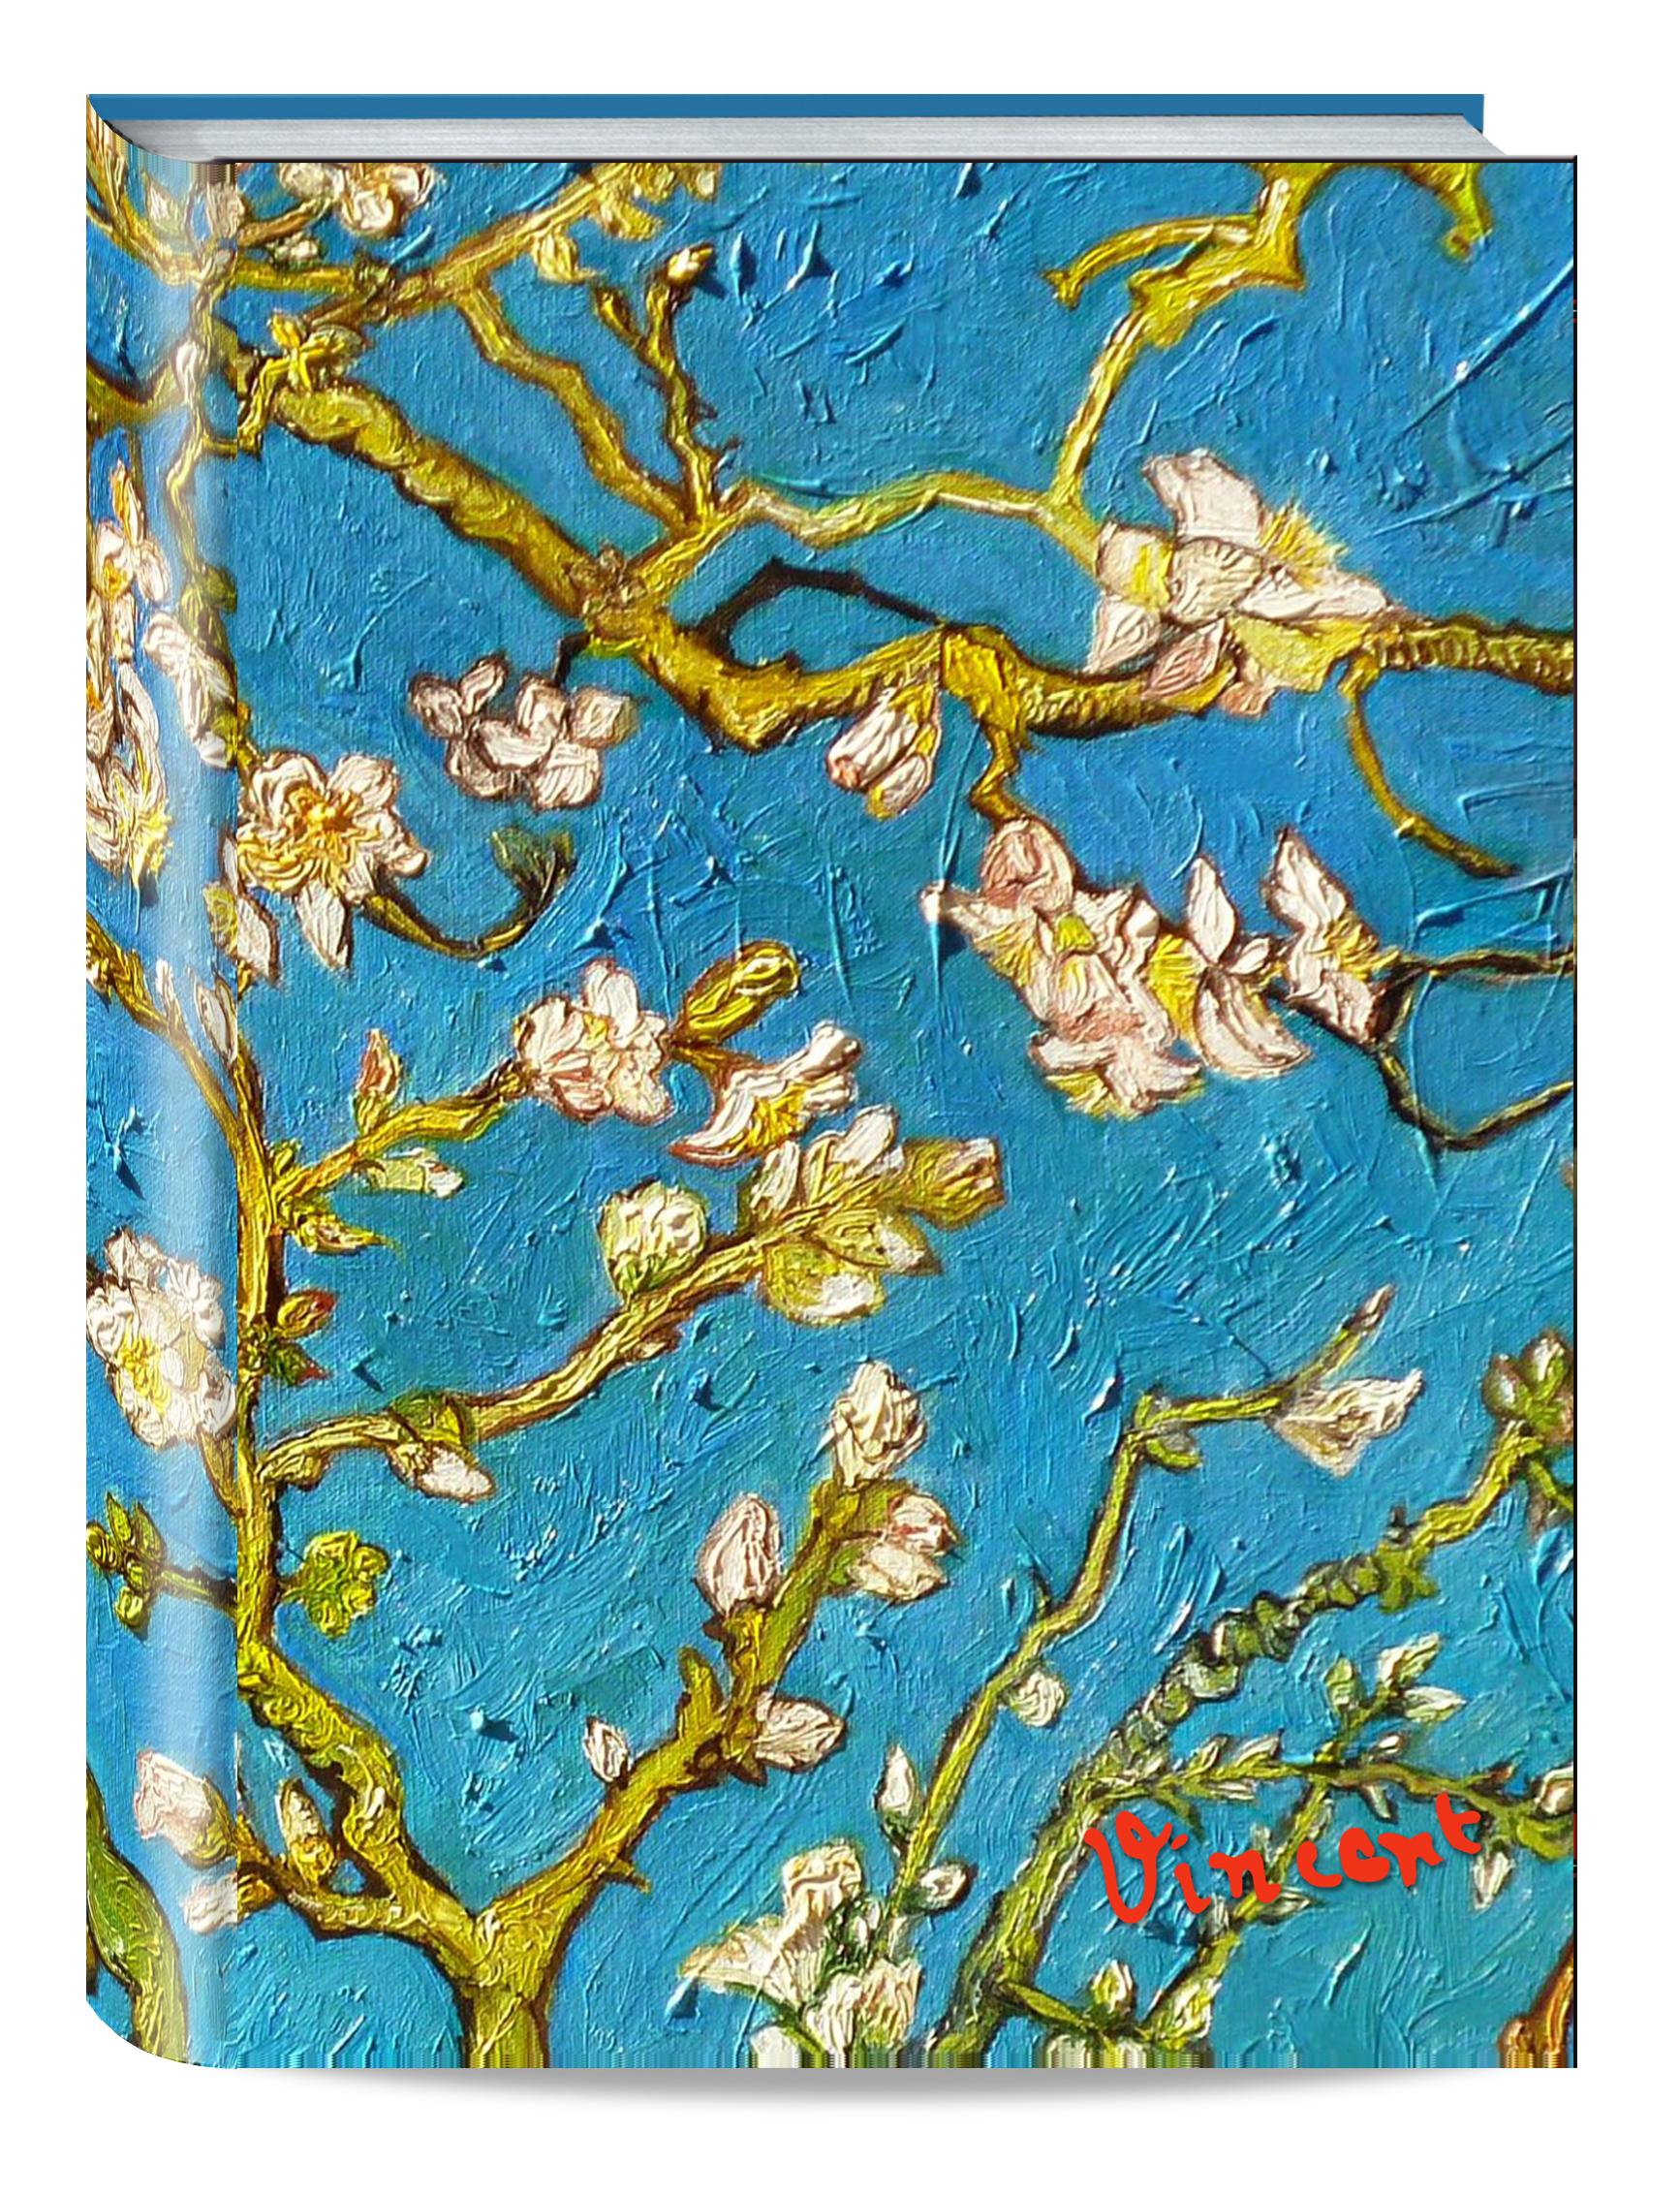 Обложка пластиковая универсальная. Ван Гог. Цветущие ветки миндаля (средний формат) (Арте) блокнот в пластиковой обложке ван гог цветущие ветки миндаля формат малый 64 страницы арте